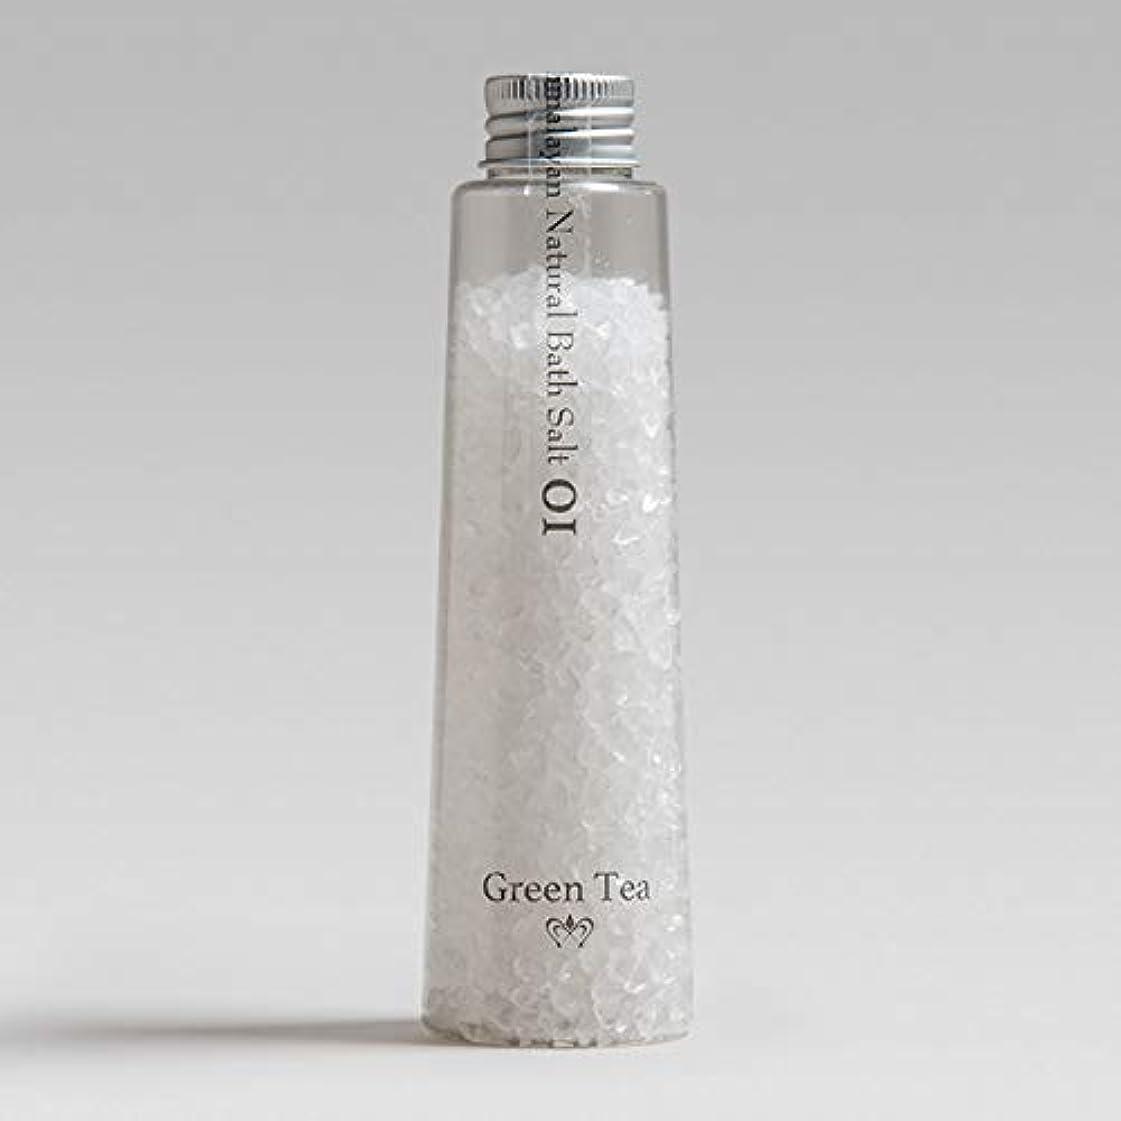 背が高い新鮮な福祉ROSEBAY アロマバスソルト ボトルタイプ170g グリーンティー